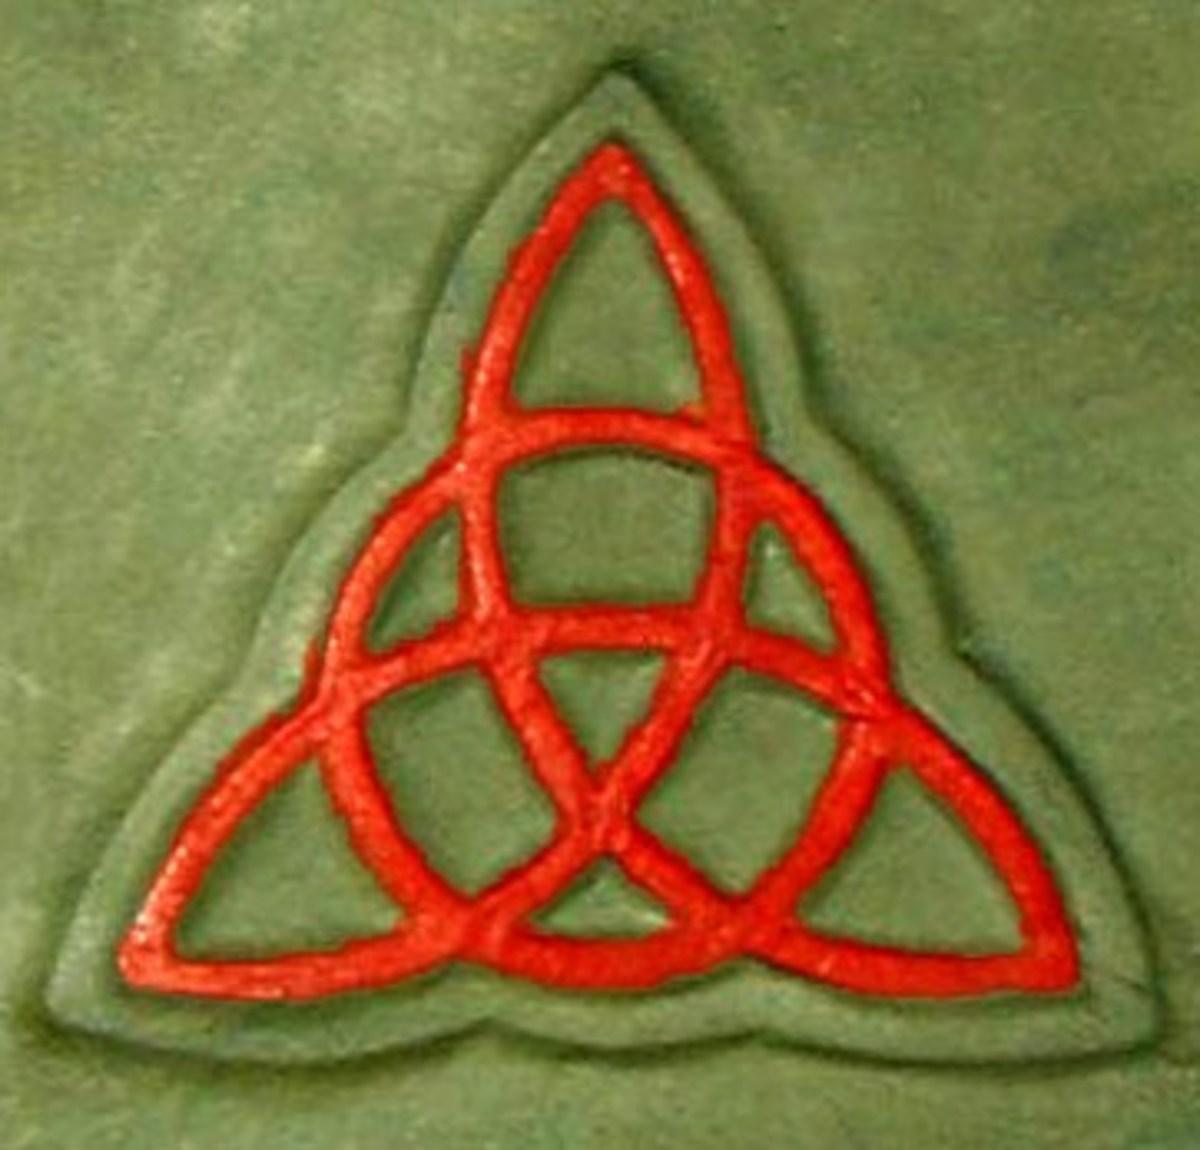 The symbol of the Ceugant